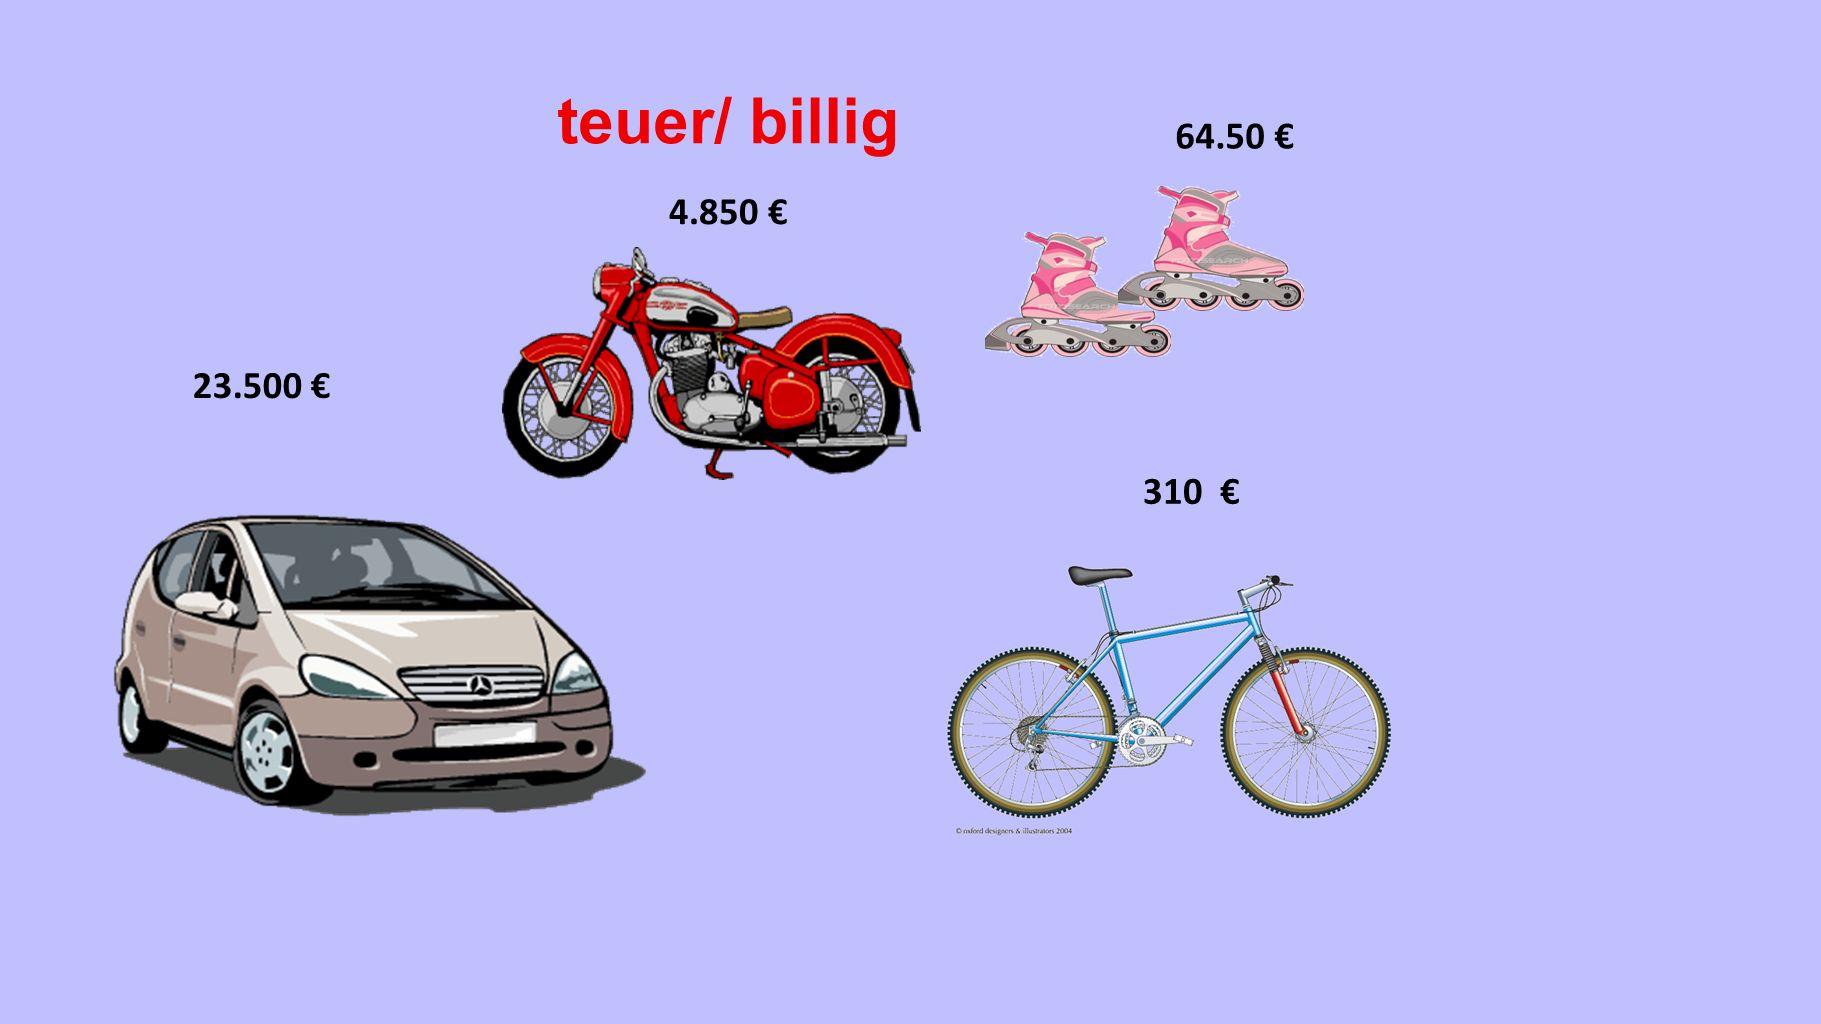 teuer/ billig 64.50 € 4.850 € 23.500 € 310 €